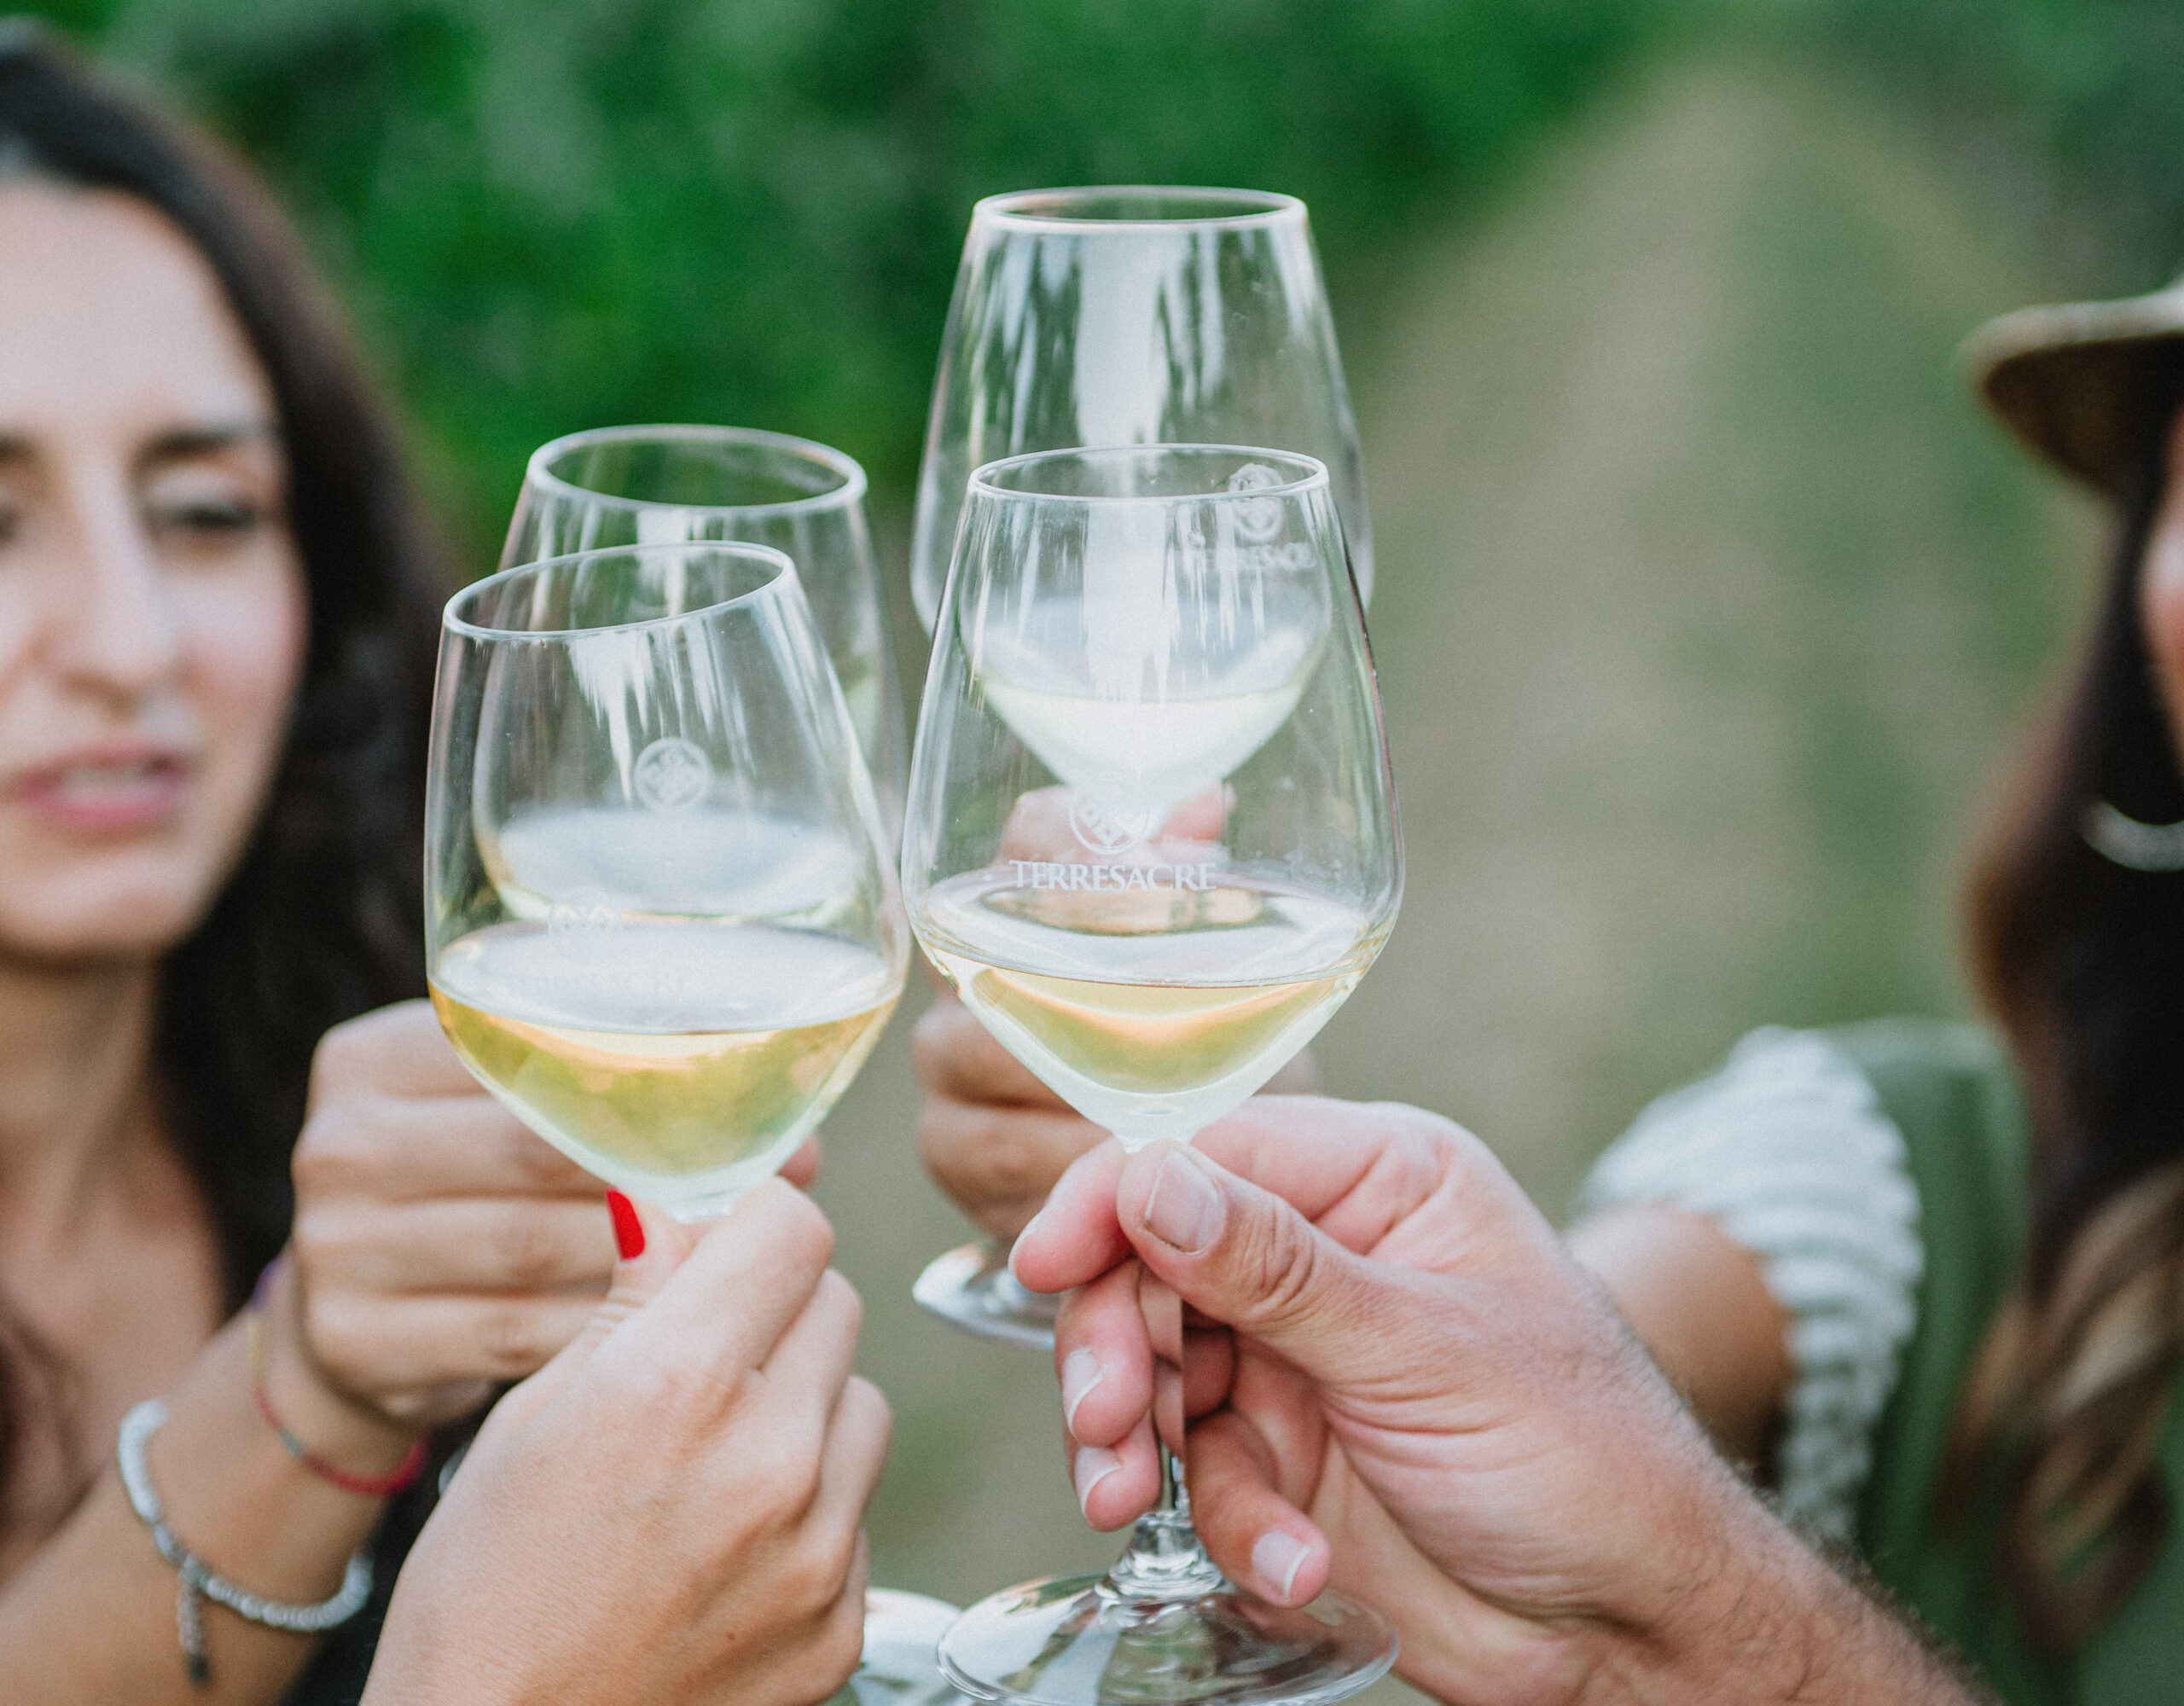 Quante calorie ci sono in un bicchiere di vino? Cosa c'è da sapere